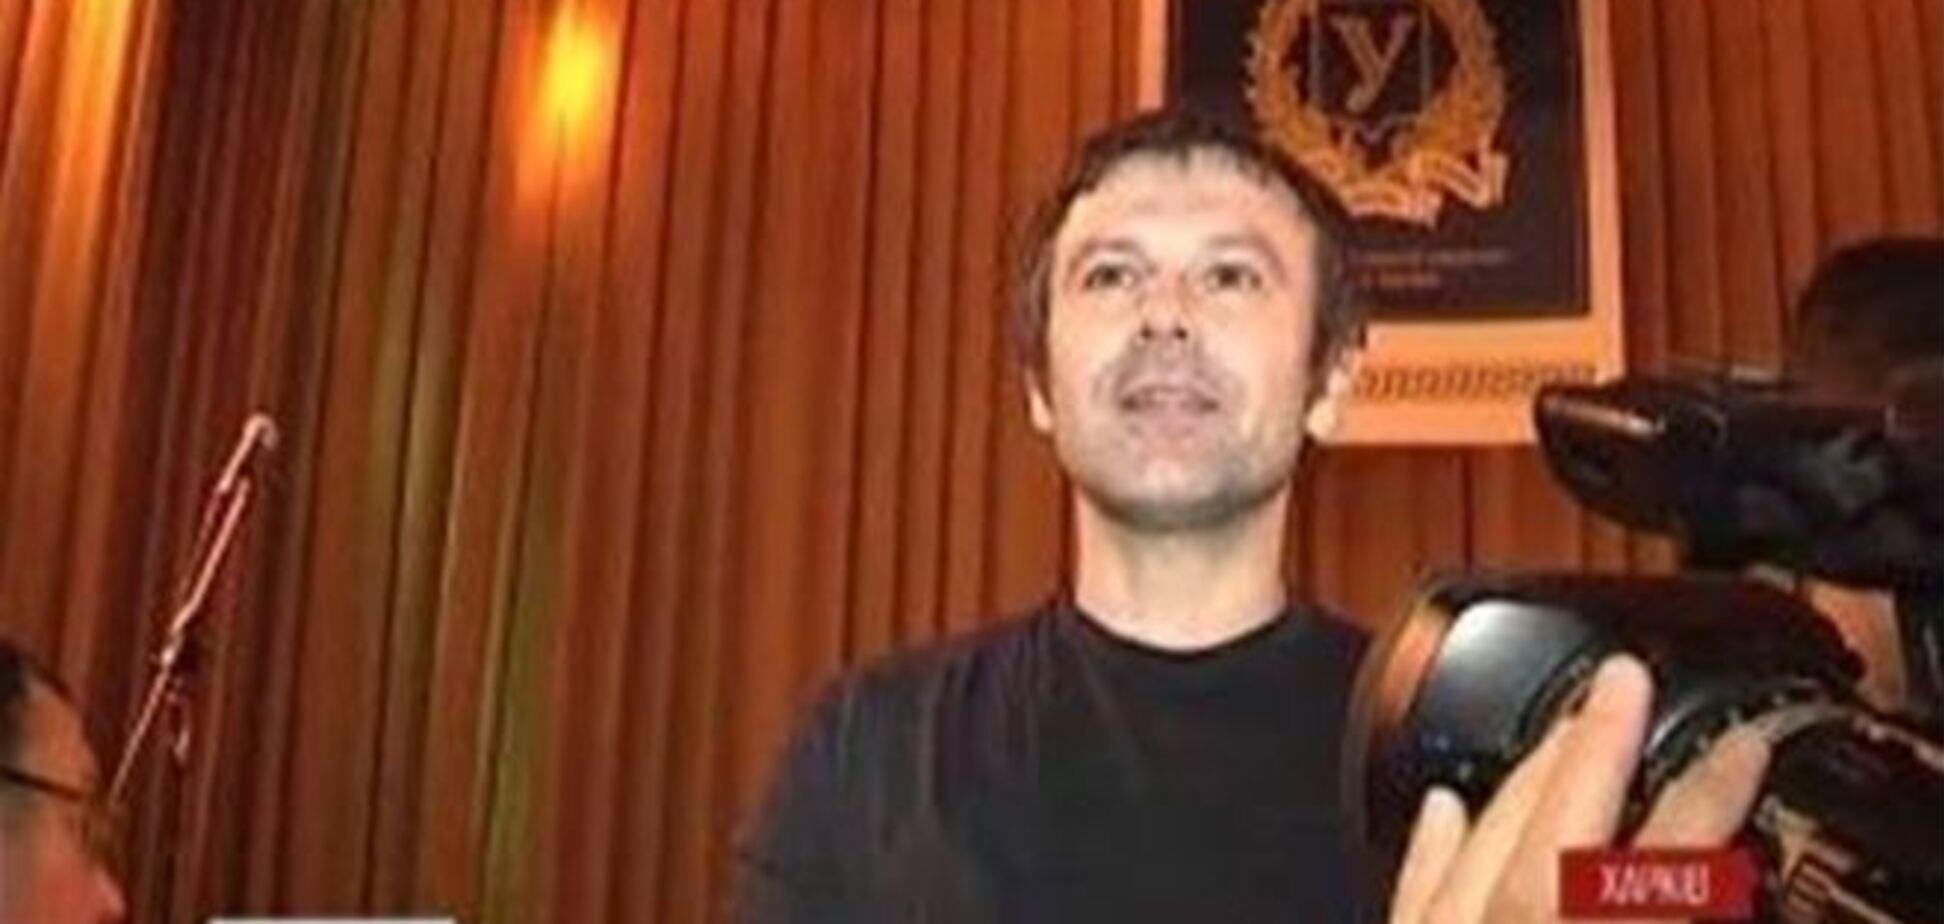 Вакарчук с российскими музыкантами планирует 'концерты мира' в Крыму